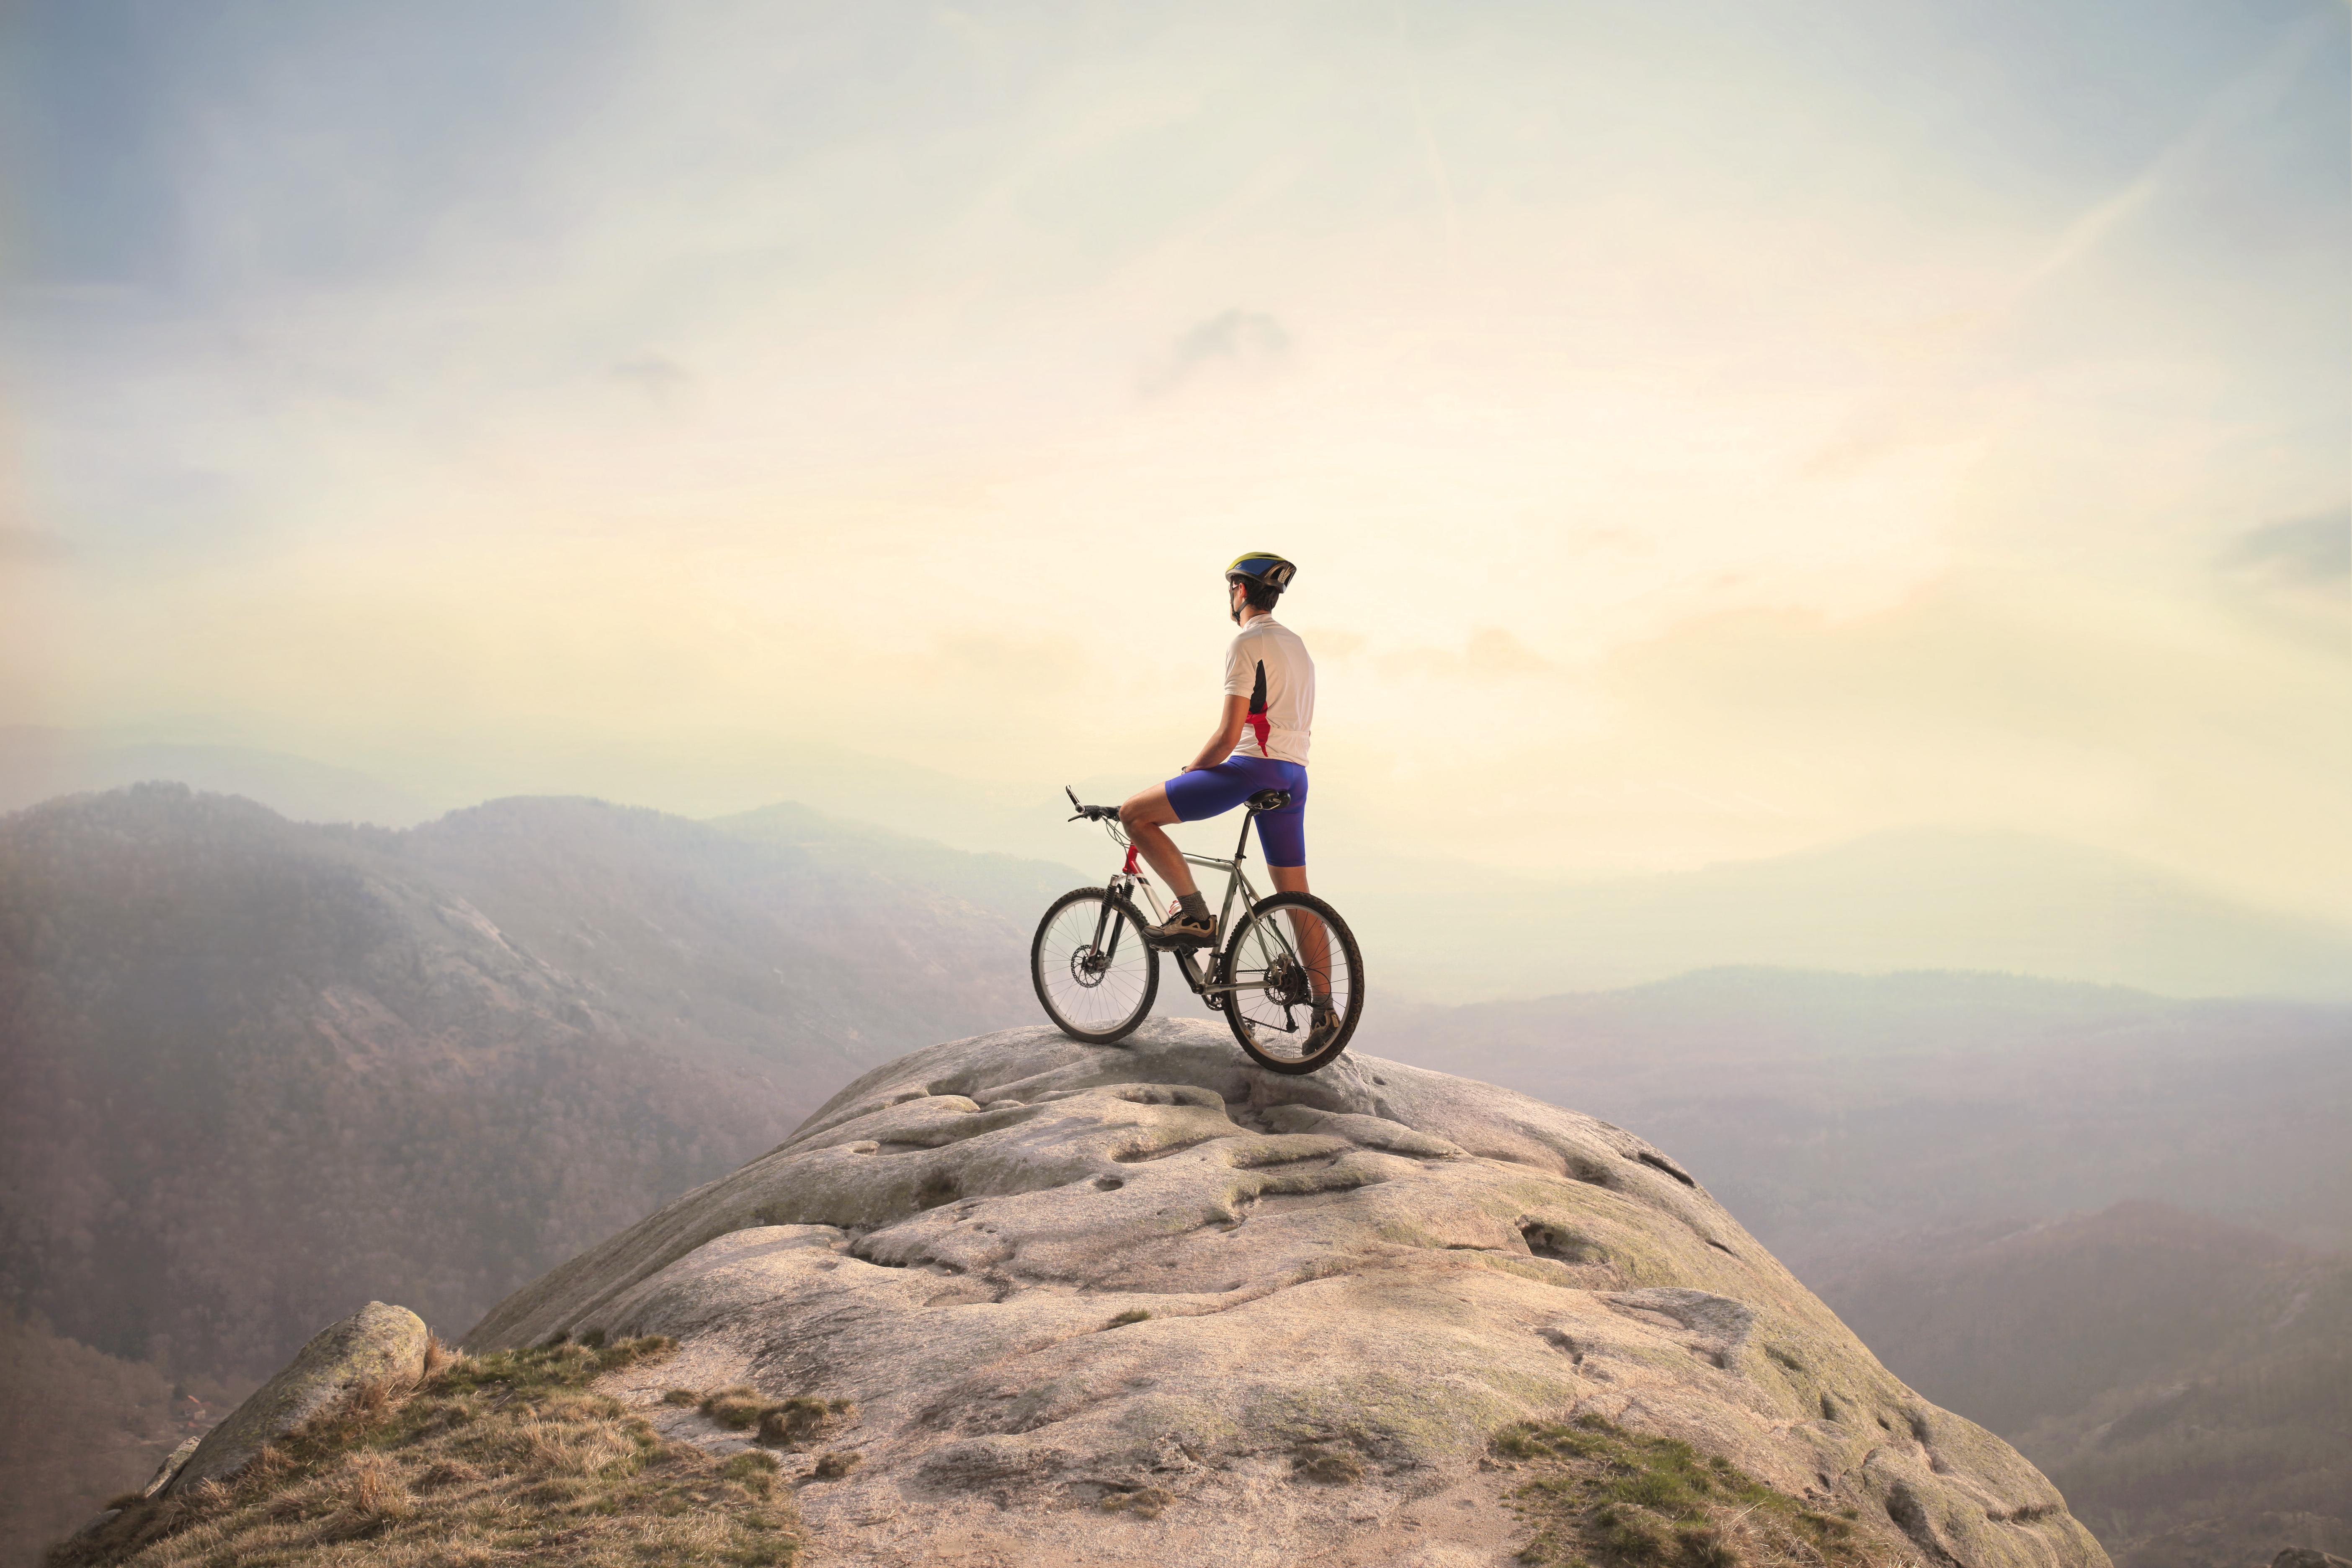 自転車にまたがり山頂から遠くを眺める男性